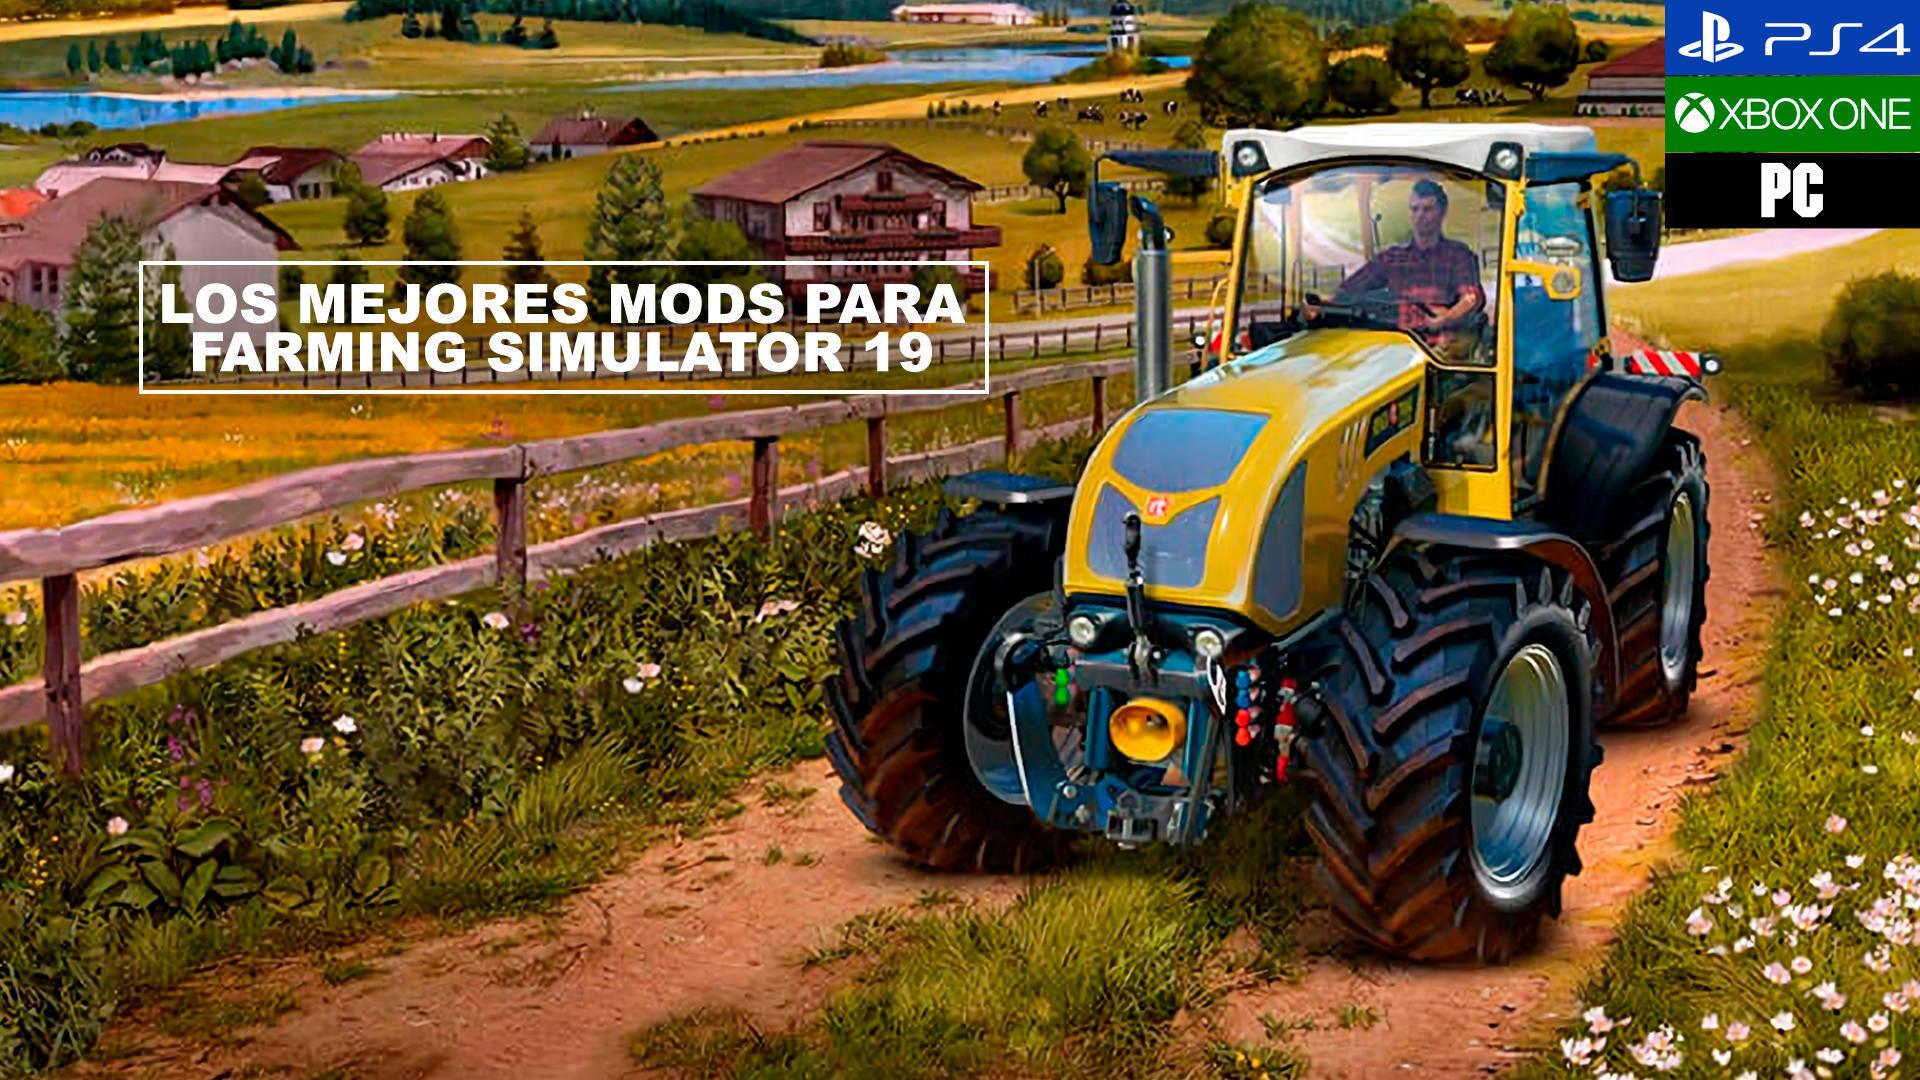 Ps4 mod シミュレーター 19 ファーミング